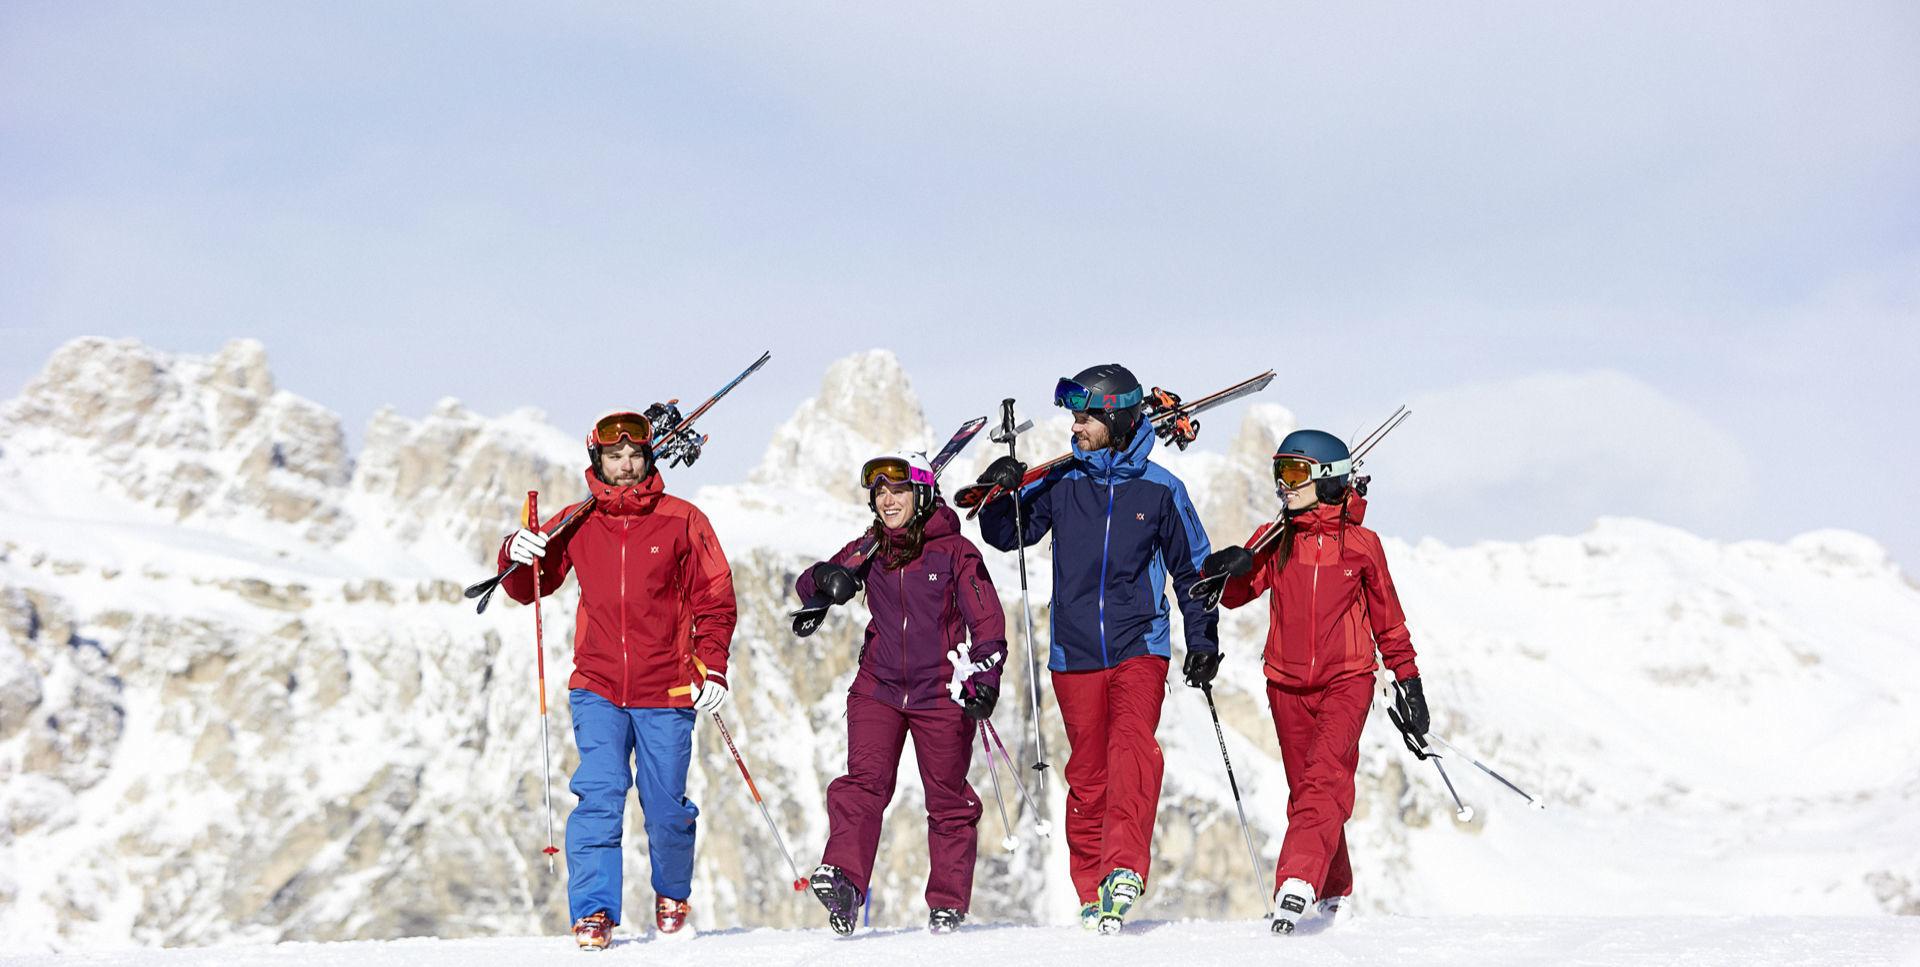 Les Adultes Sport Activité Avancé R80 Entièrement Isolé Thermique Ski Gripper Gants